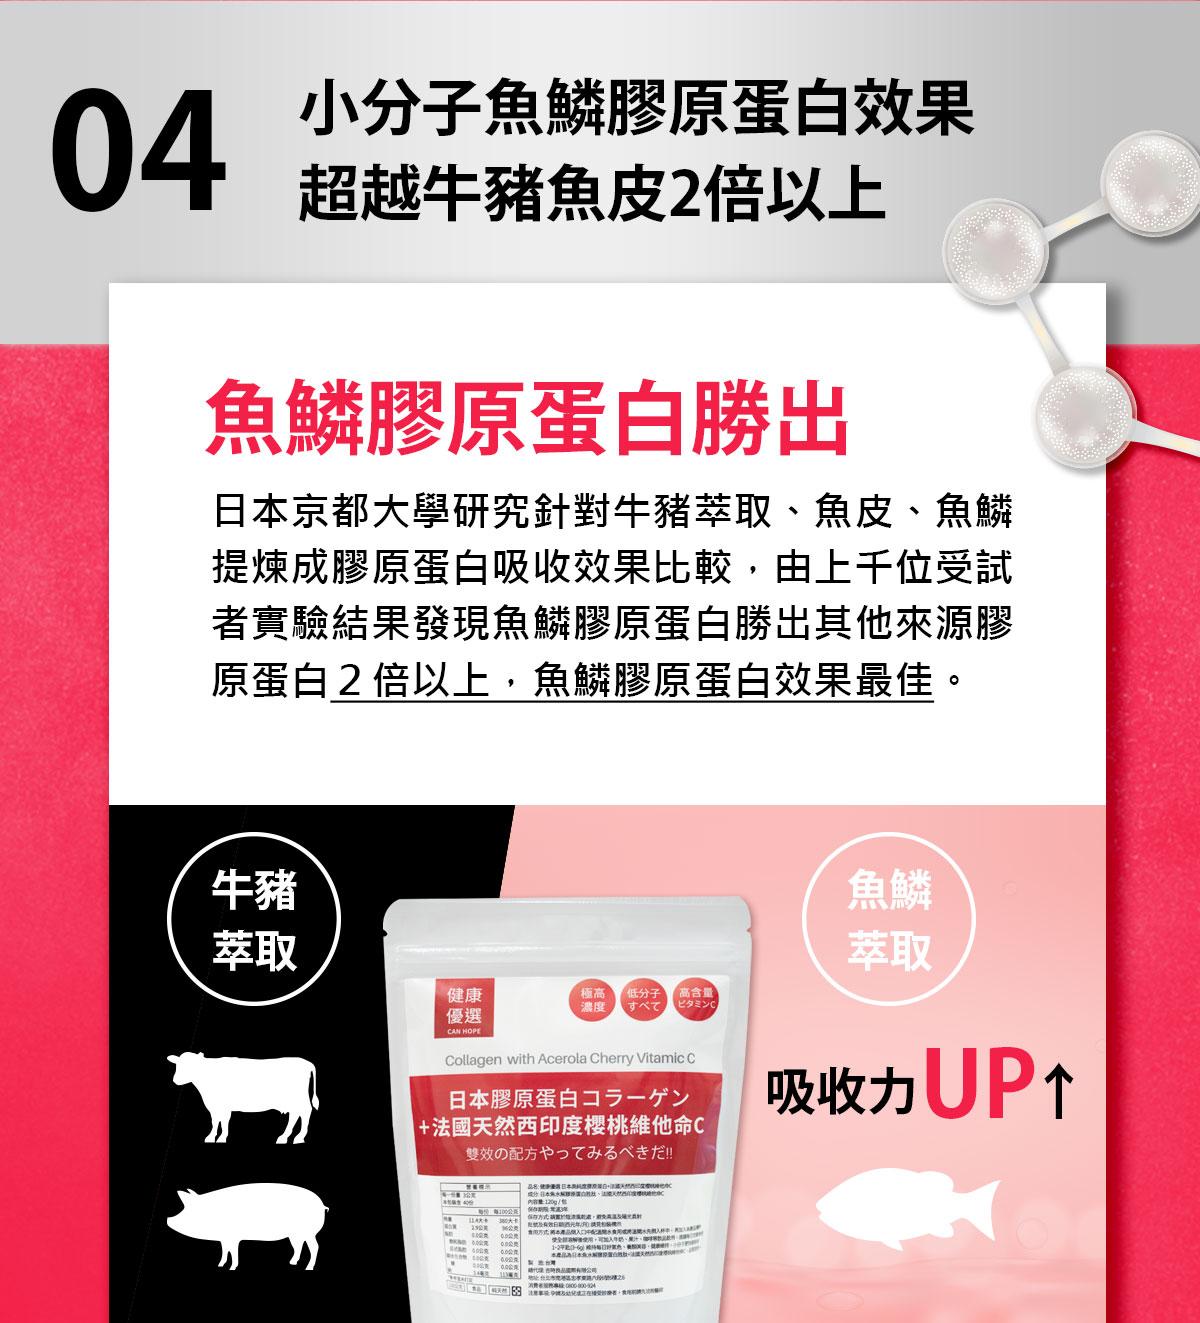 日本膠原蛋白+西印度櫻桃C-魚鱗膠原蛋白效果最好-0800-800-924